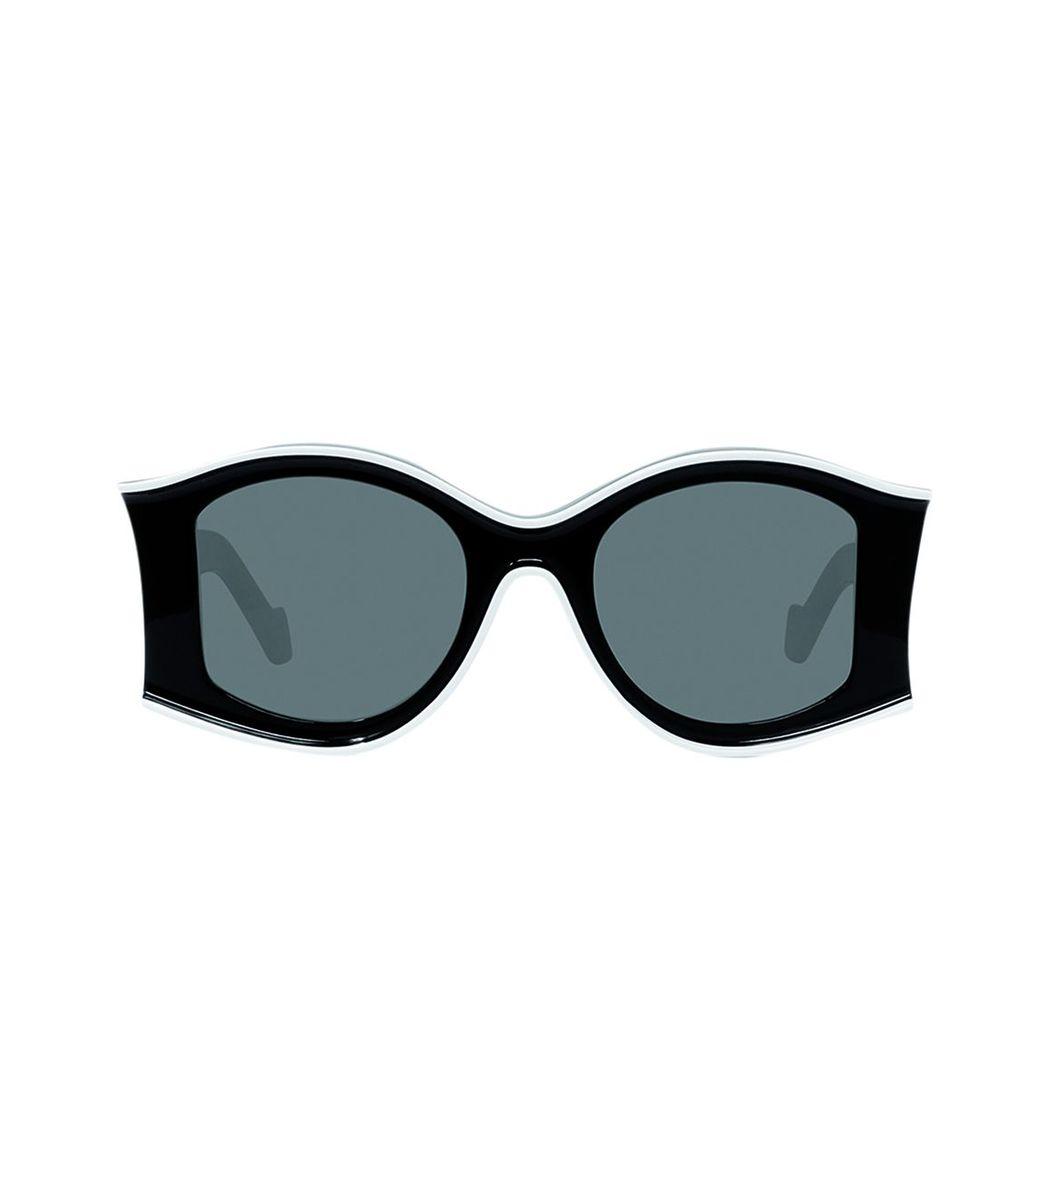 Loewe Black Large Sunglasses